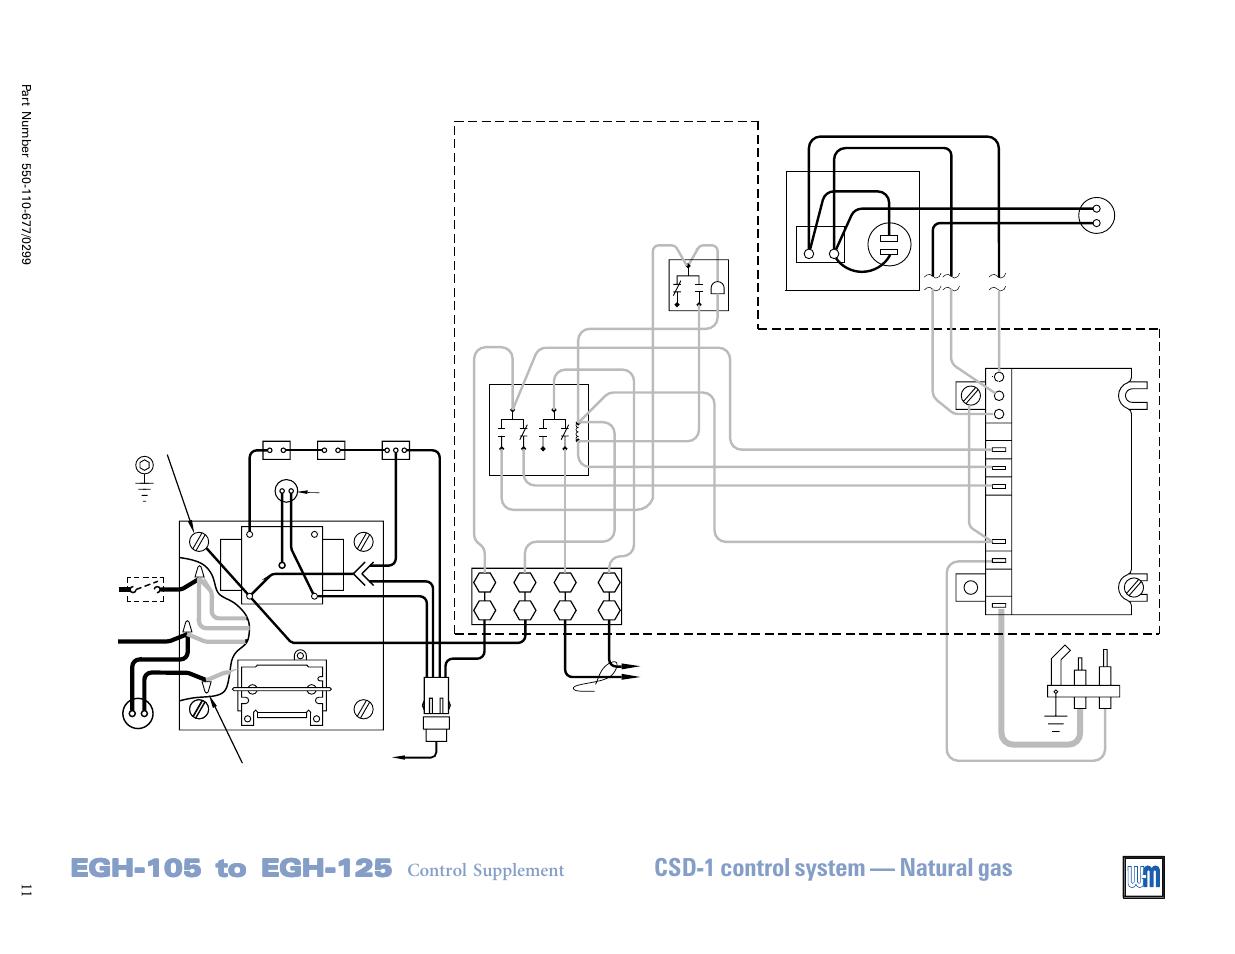 Schematic Wiring Diagram Control Supplement